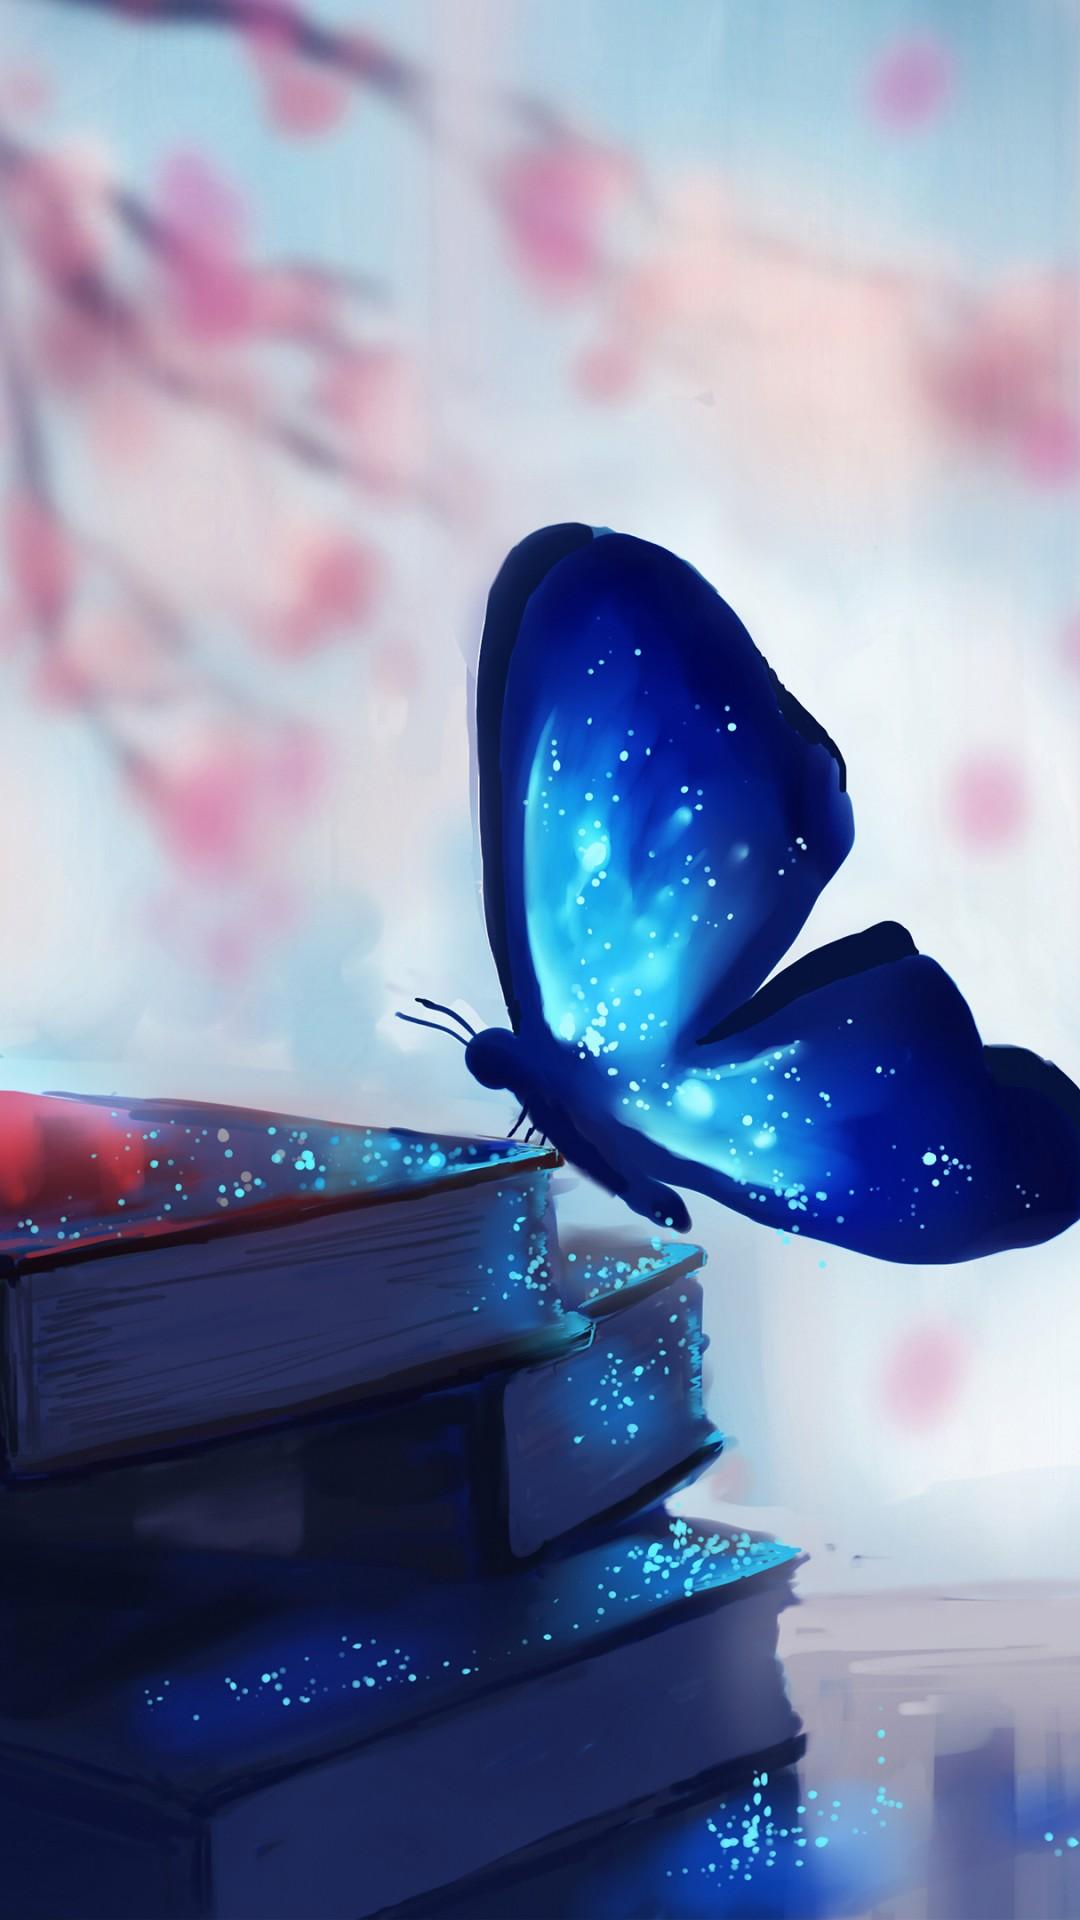 Wallpaper Butterfly, Books, Magic, Art, Art #8233